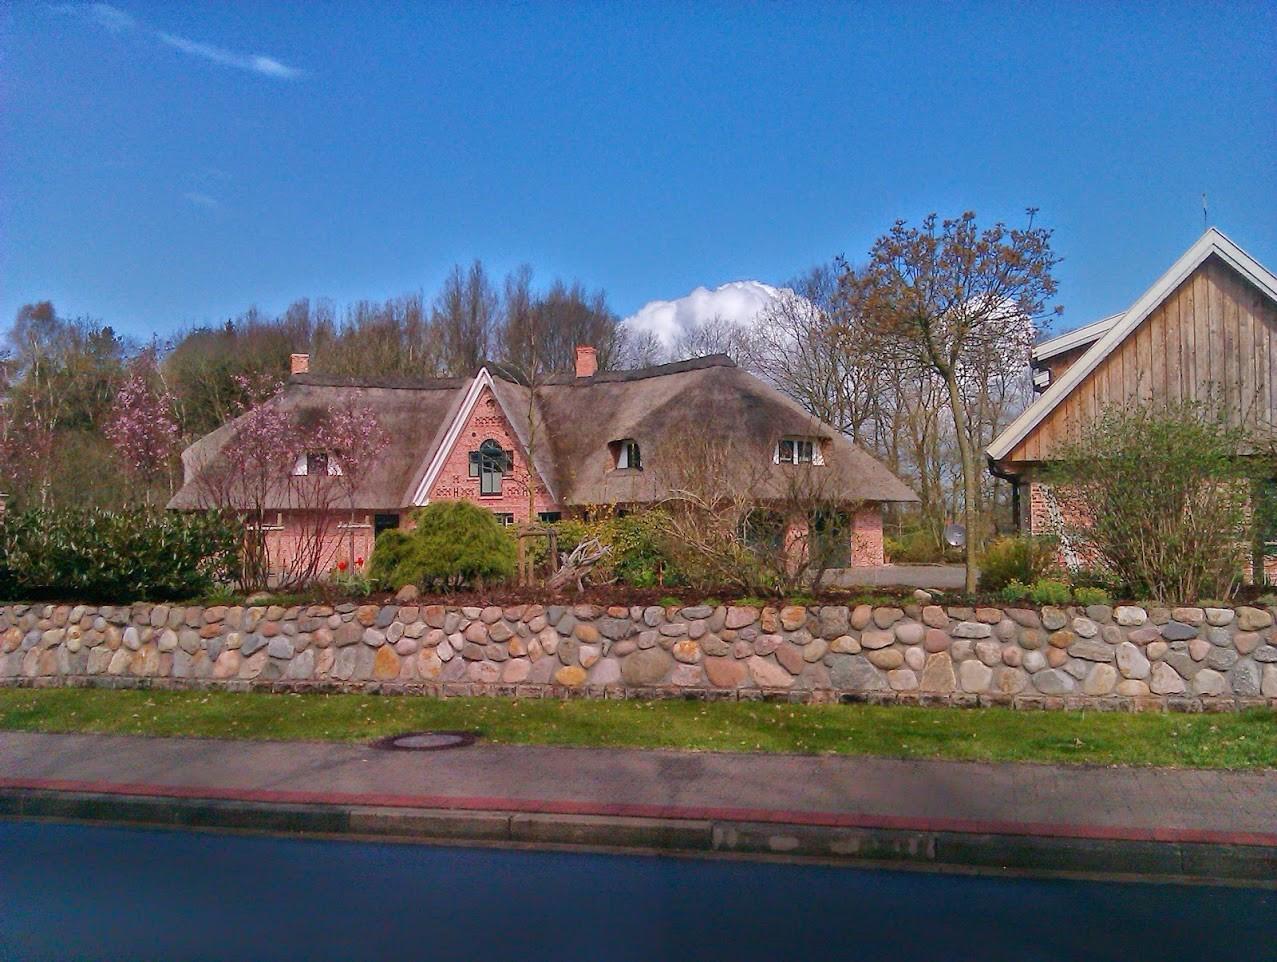 ~ Bild: Alte Häuser in Sittensen ~